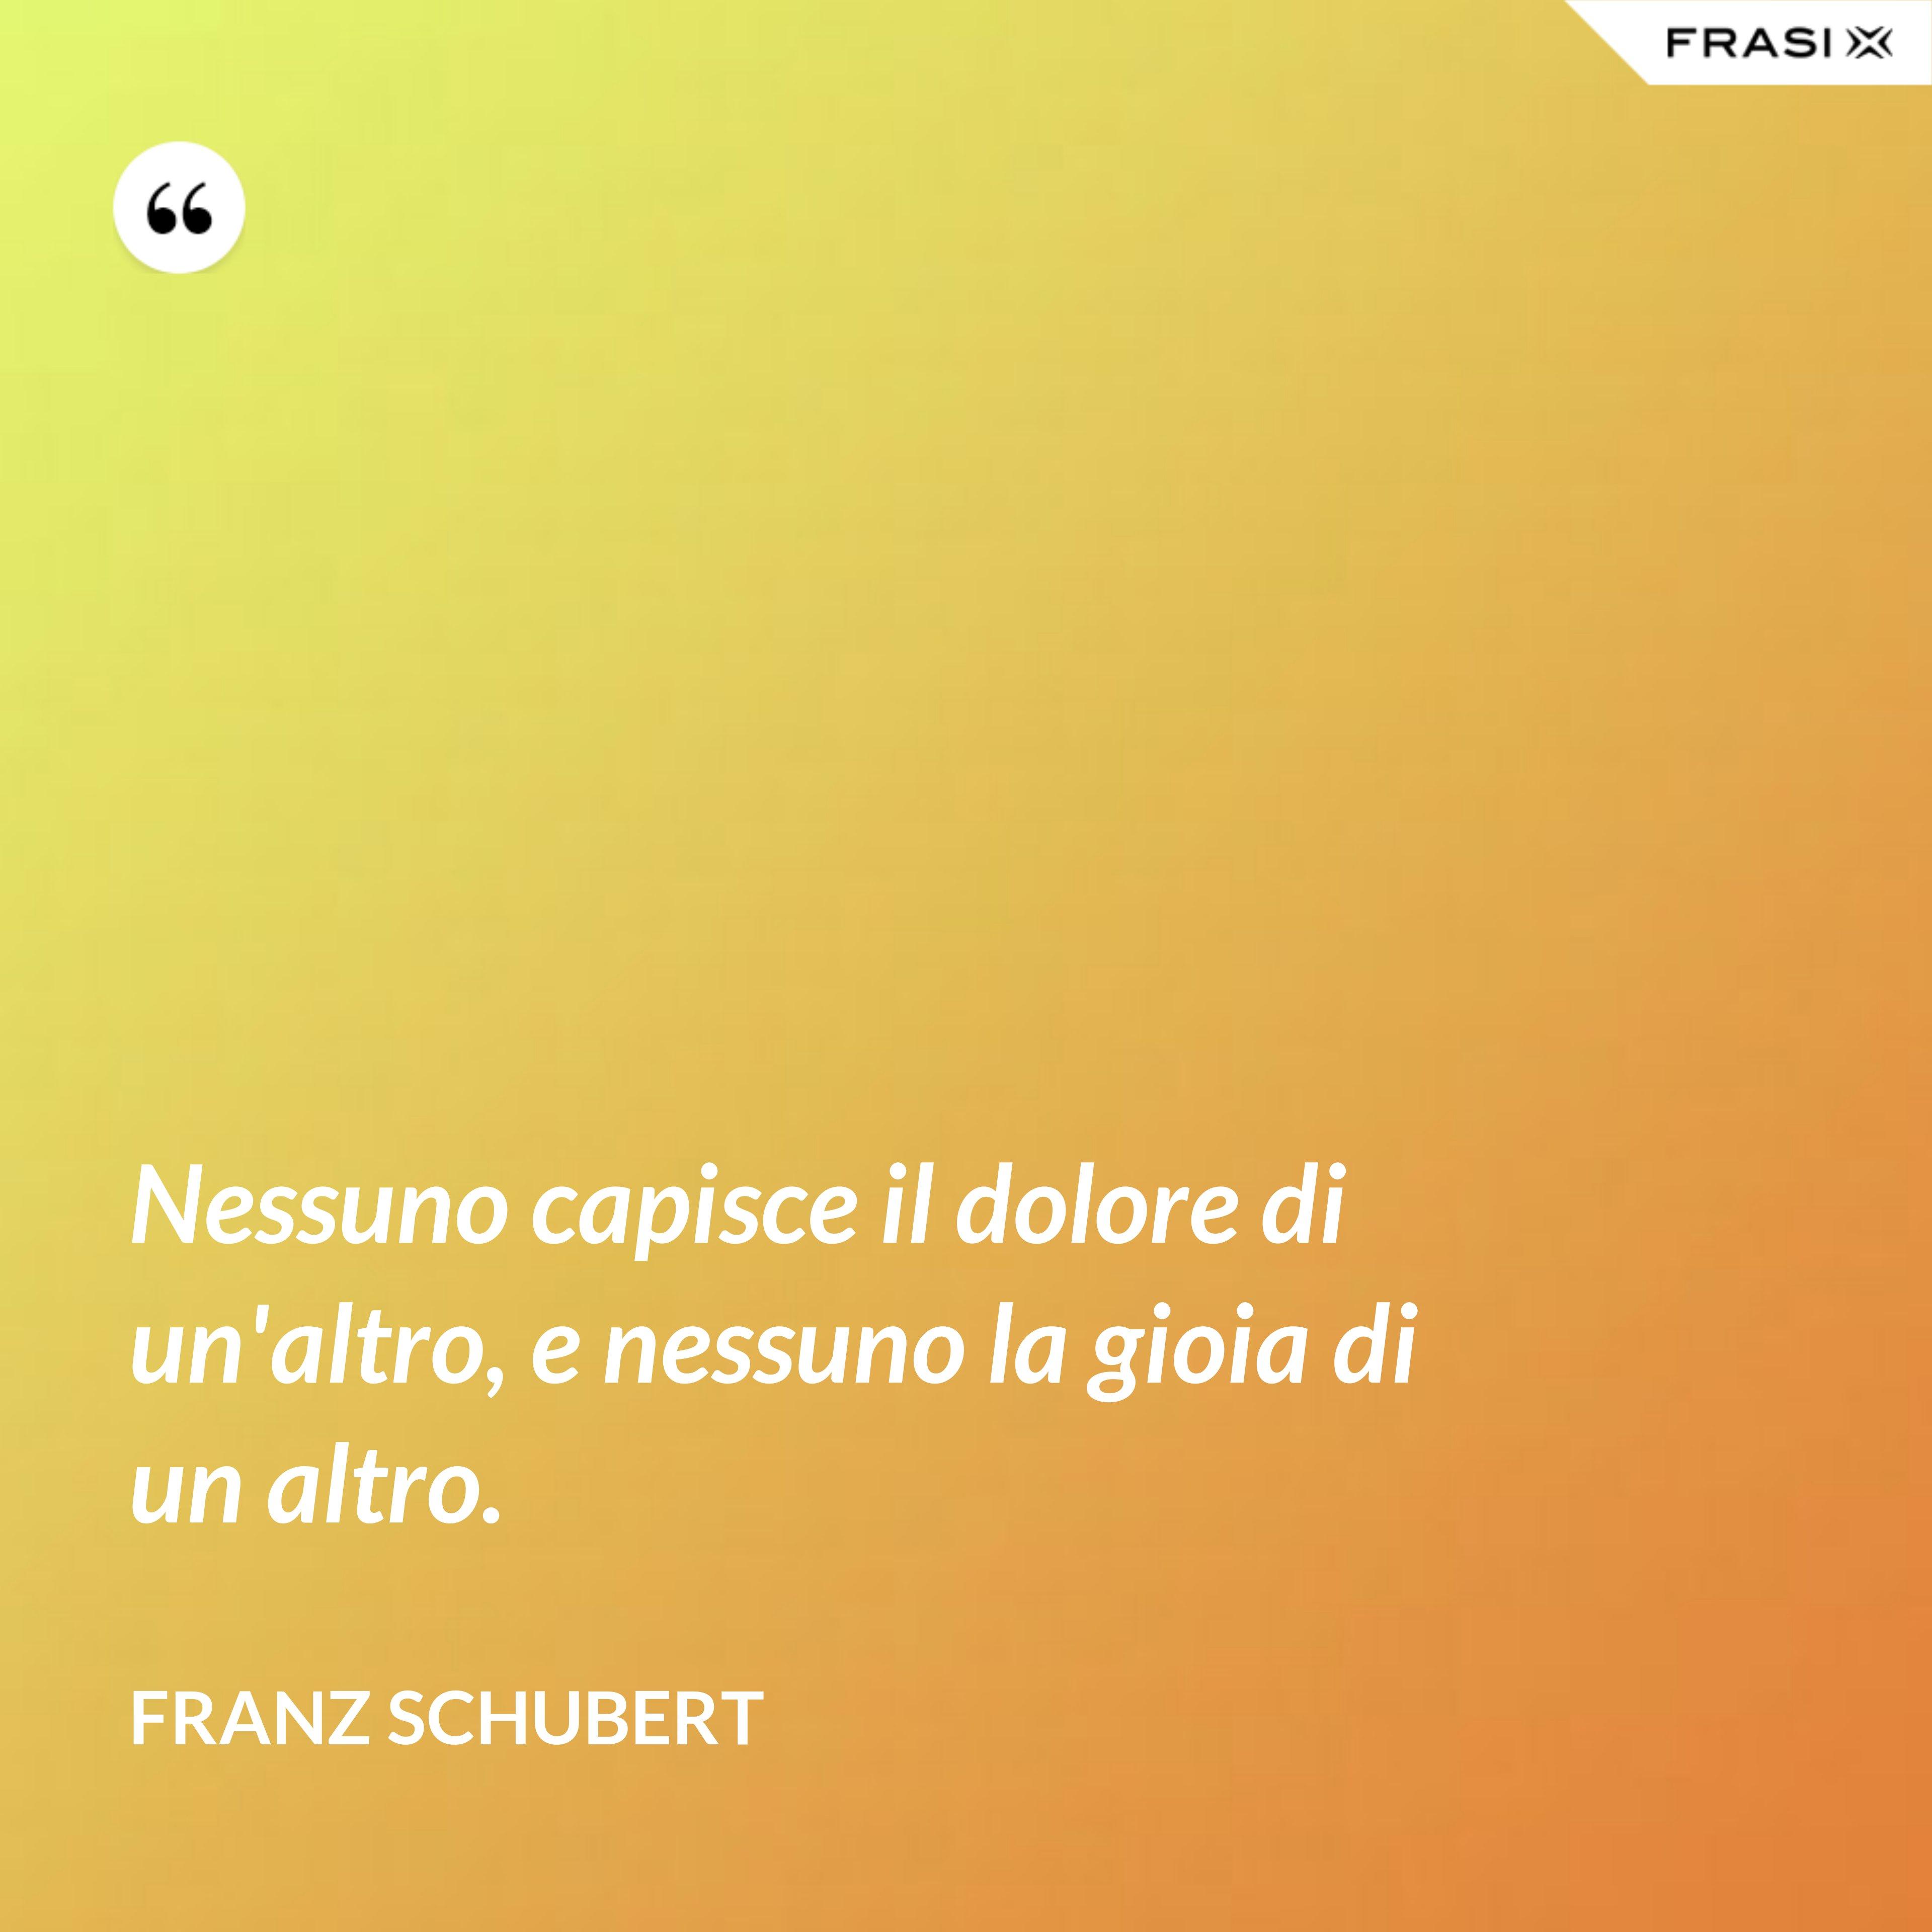 Nessuno capisce il dolore di un'altro, e nessuno la gioia di un altro. - Franz Schubert